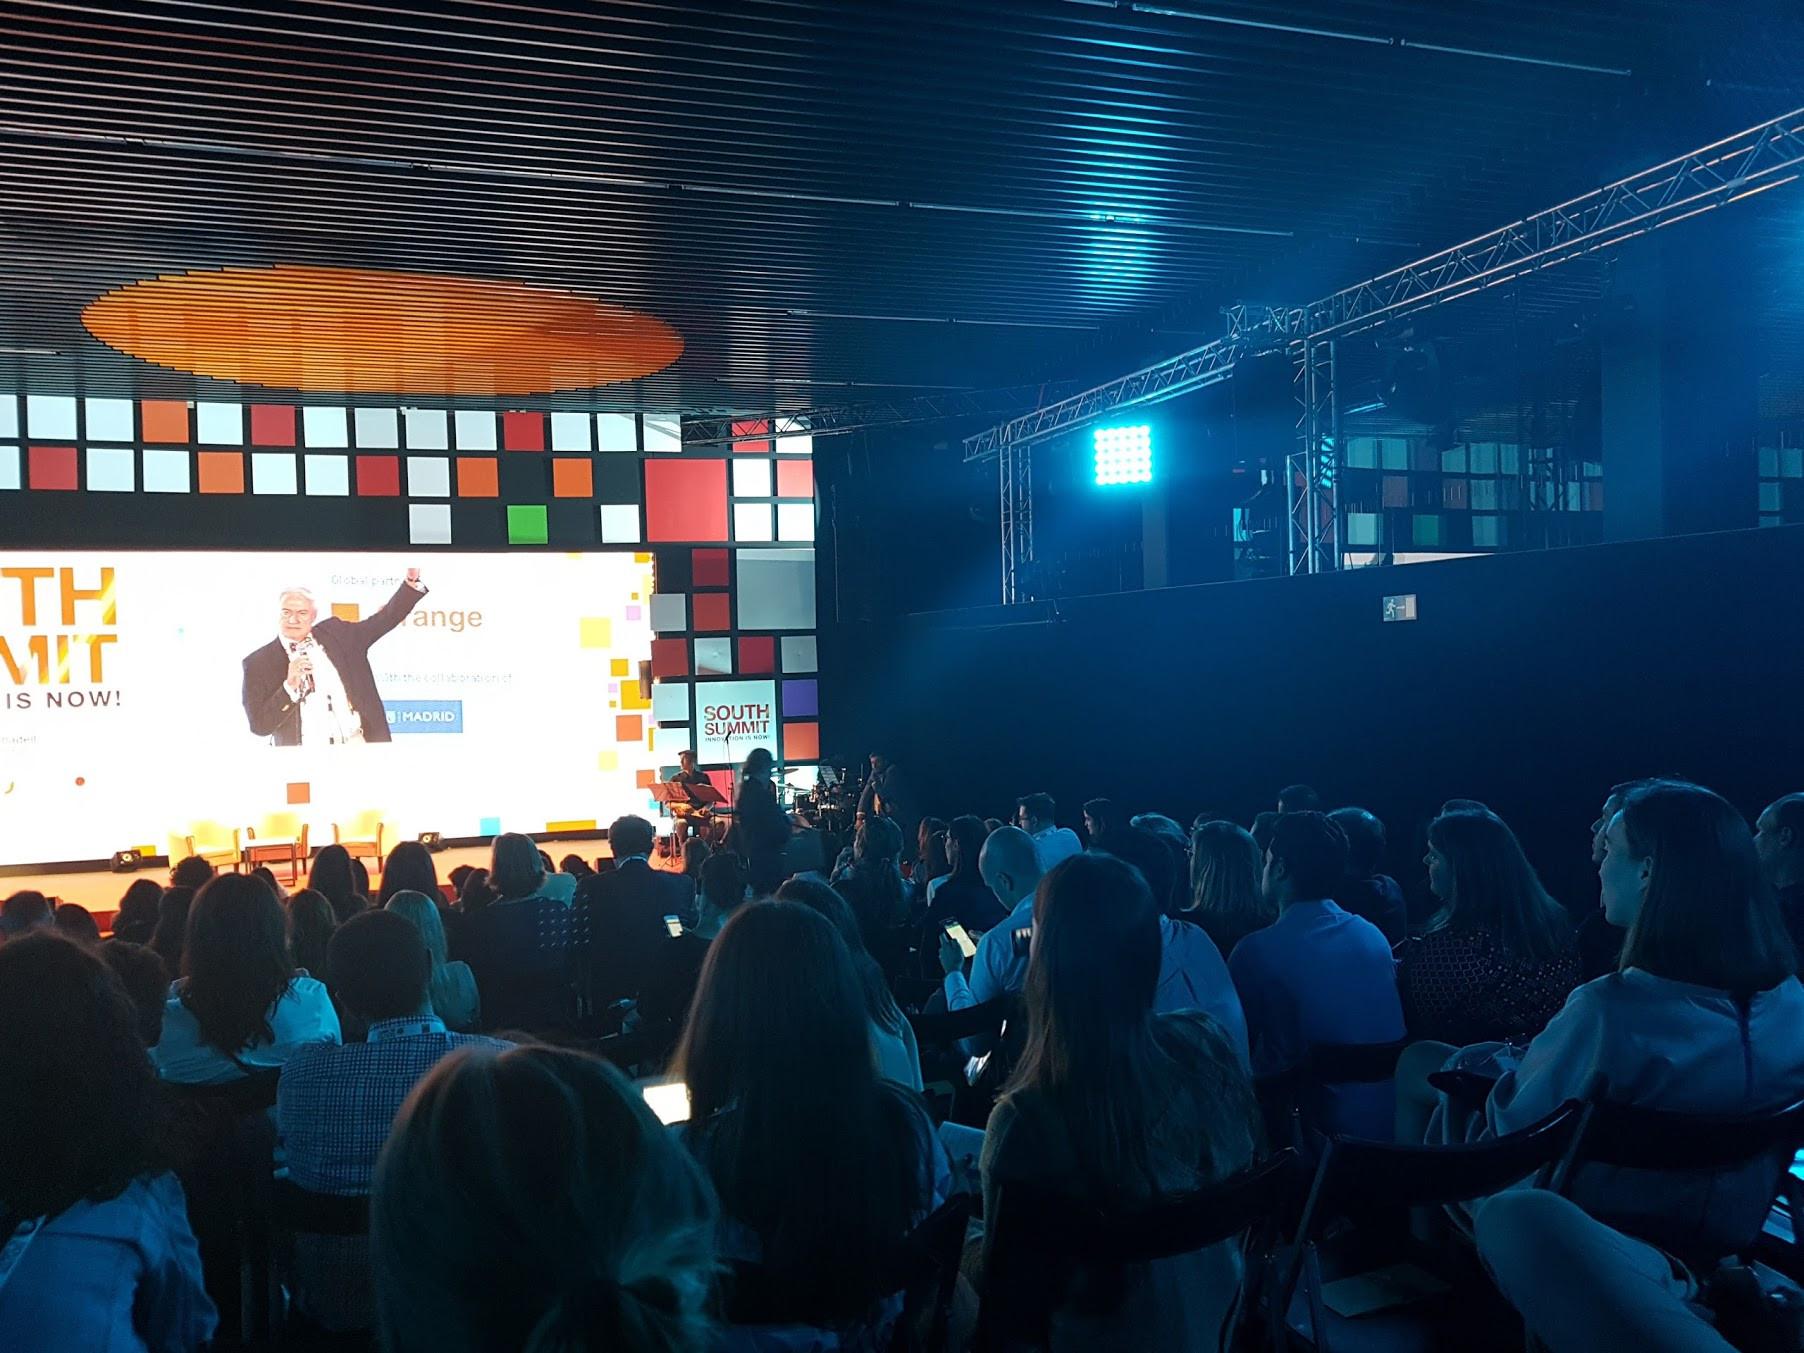 Imagen 7 del evento South Summit 2016 celebrado del 5 al 7 de octubre de 2016 en La Nave, Madrid